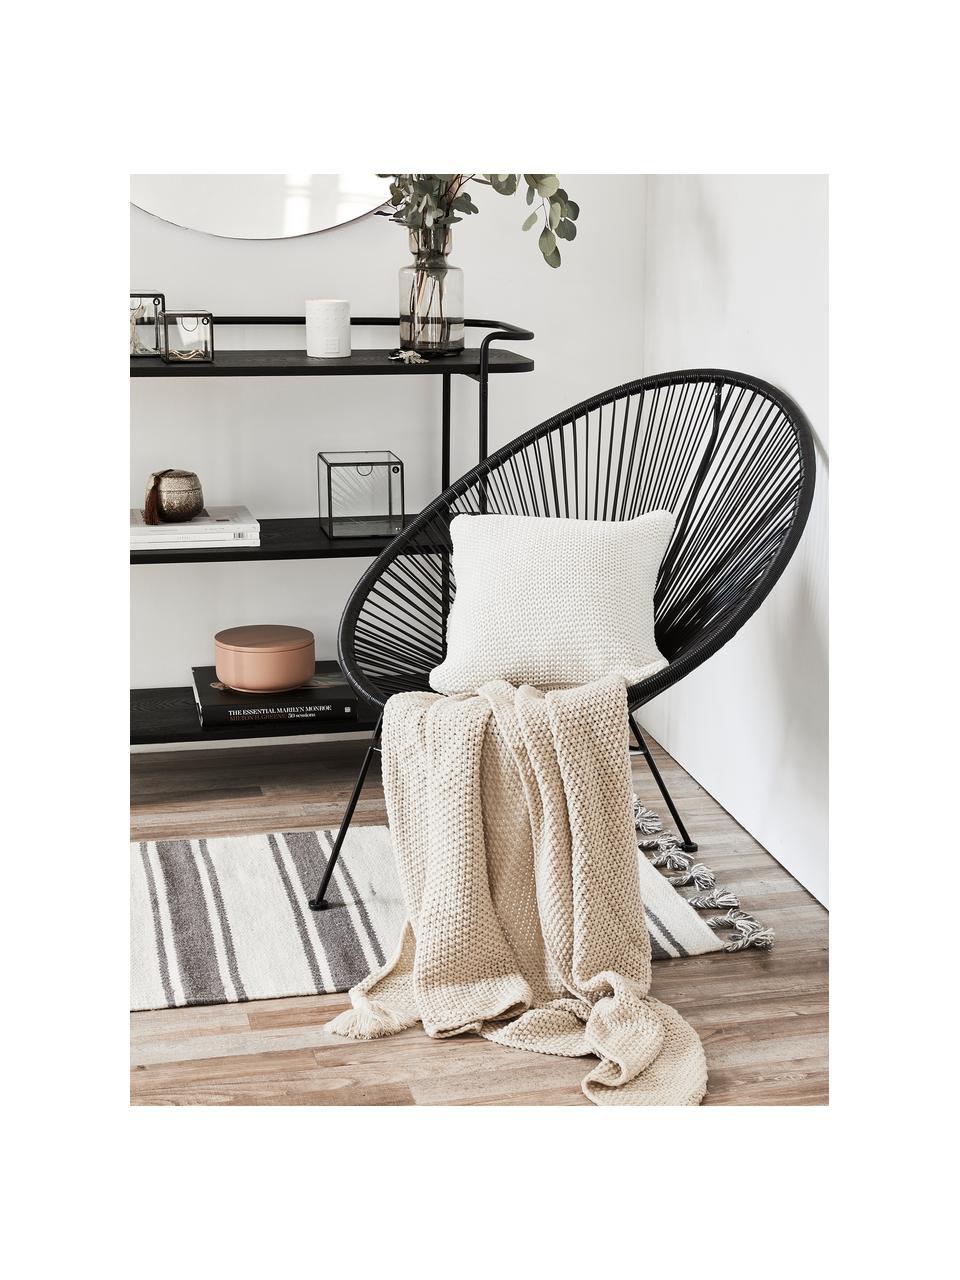 Poszewka na poduszkę z bawełny organicznej  Adalyn, 100% bawełna organiczna, certyfikat GOTS, Naturalny biały, S 60 x D 60 cm